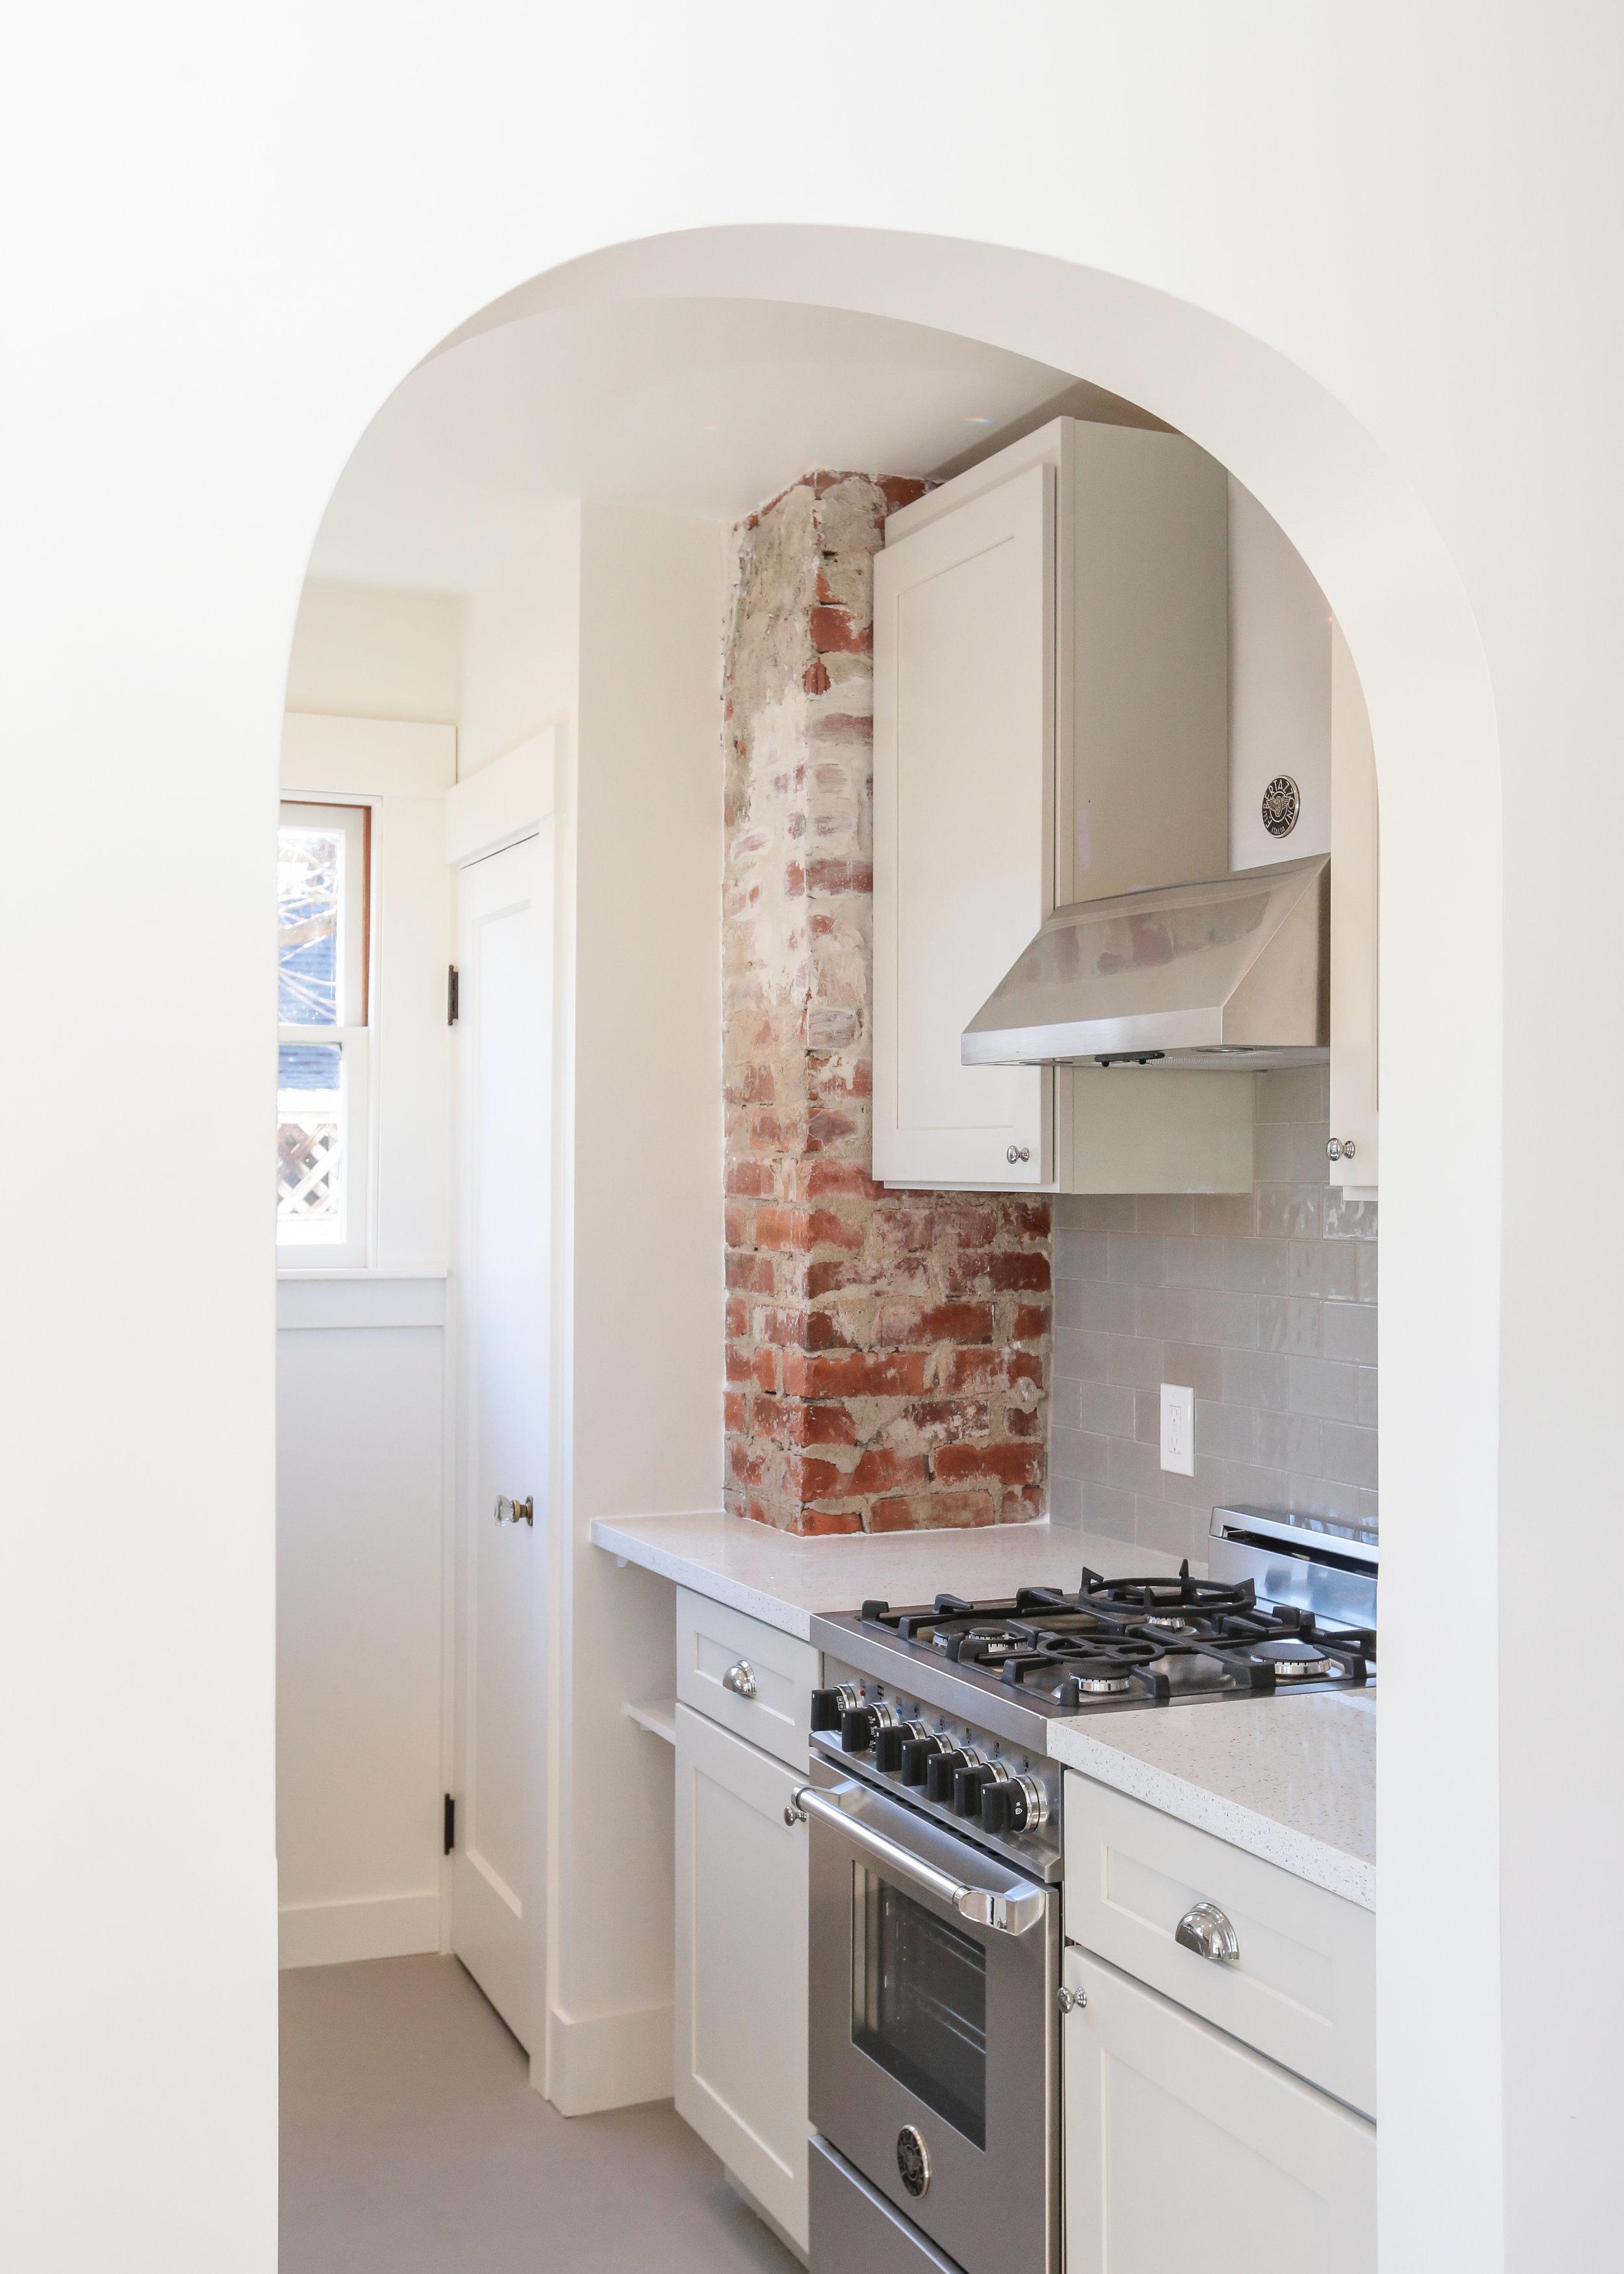 Cottage Kitchen: Walls - BM Dove White in Satin, Trim - Dove White in semi-gloss